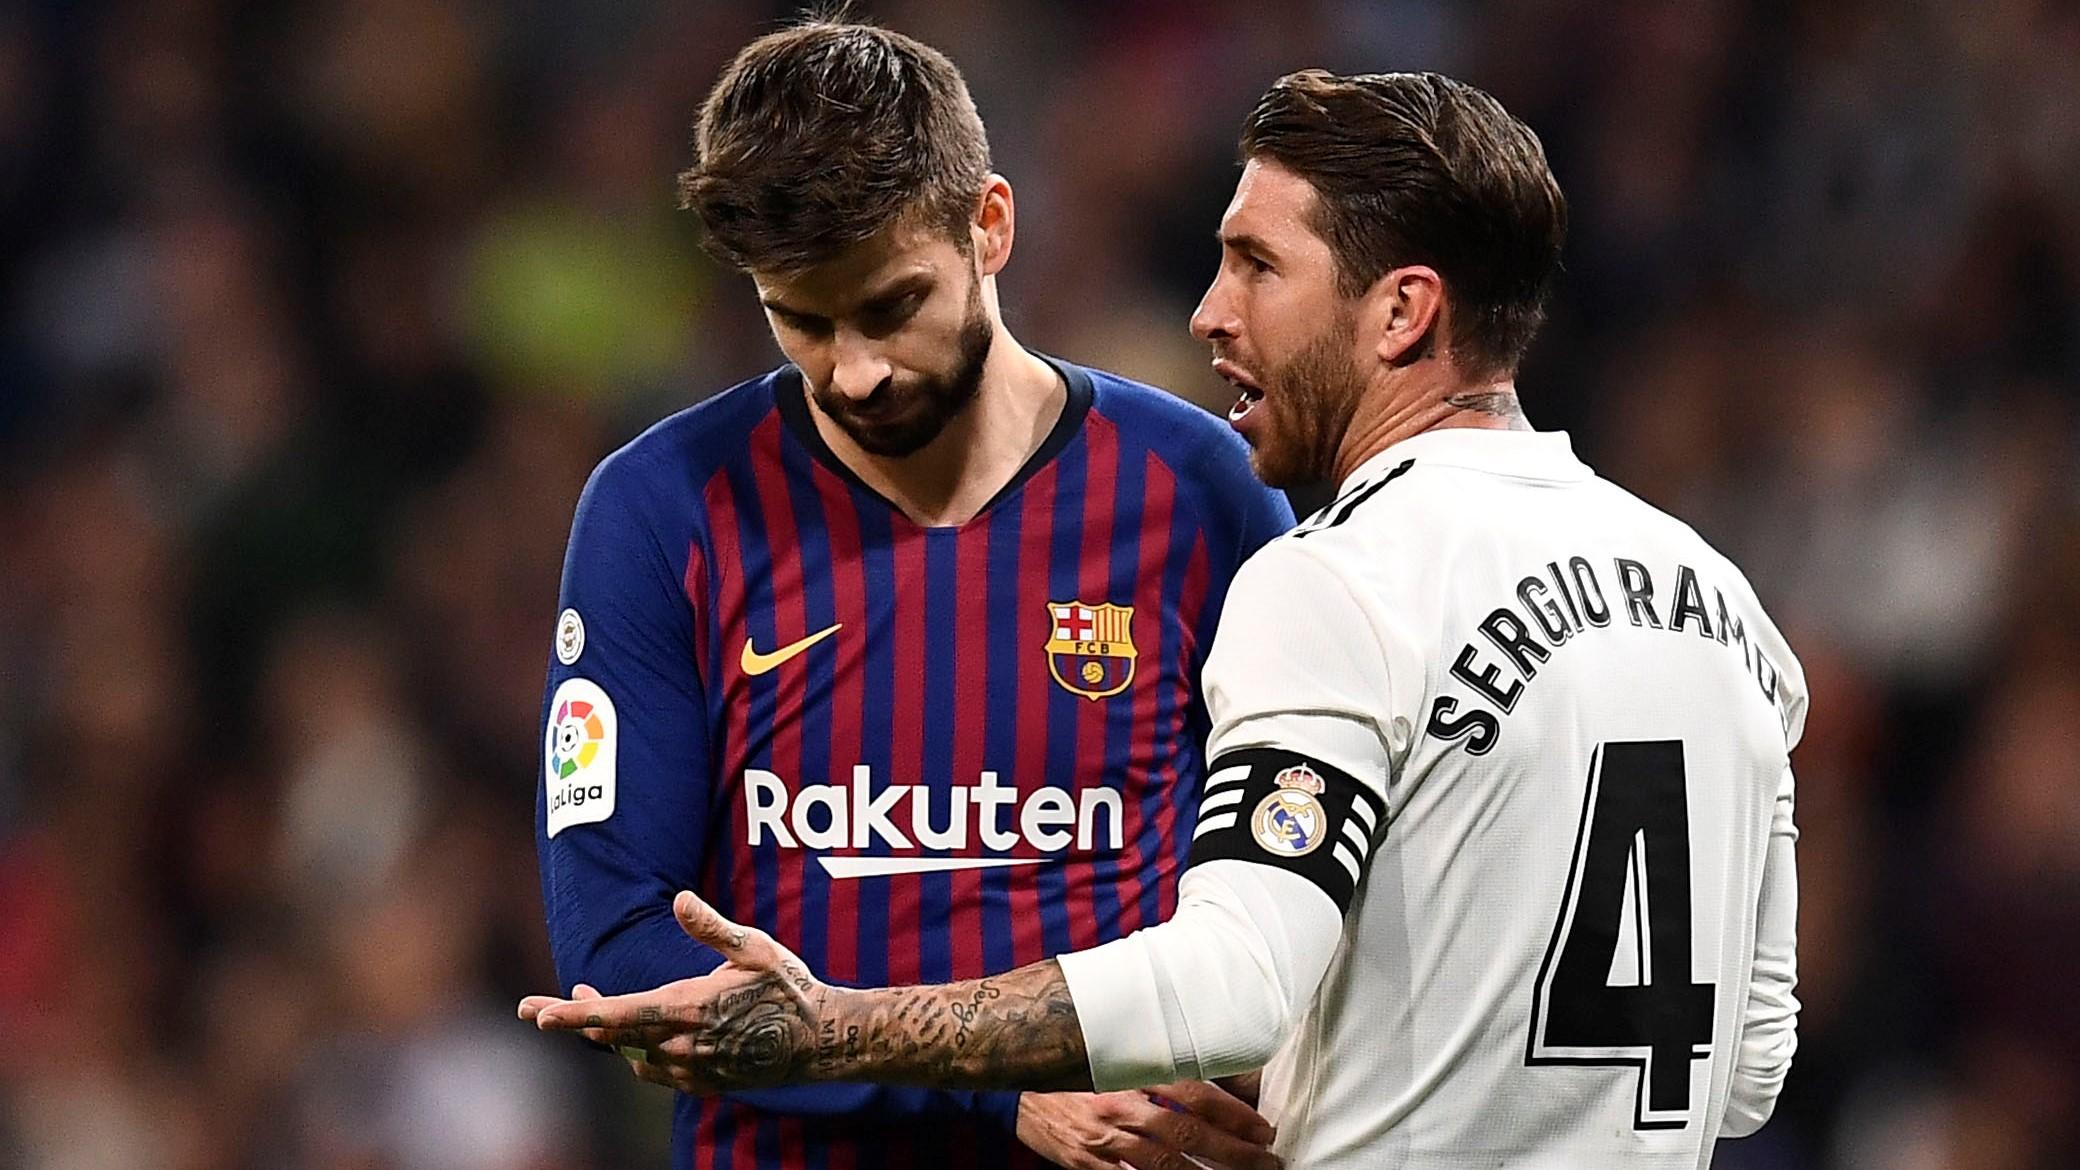 EXCLU GOAL - Des anciens du Real Madrid et du Barça racontent un report du Clasico